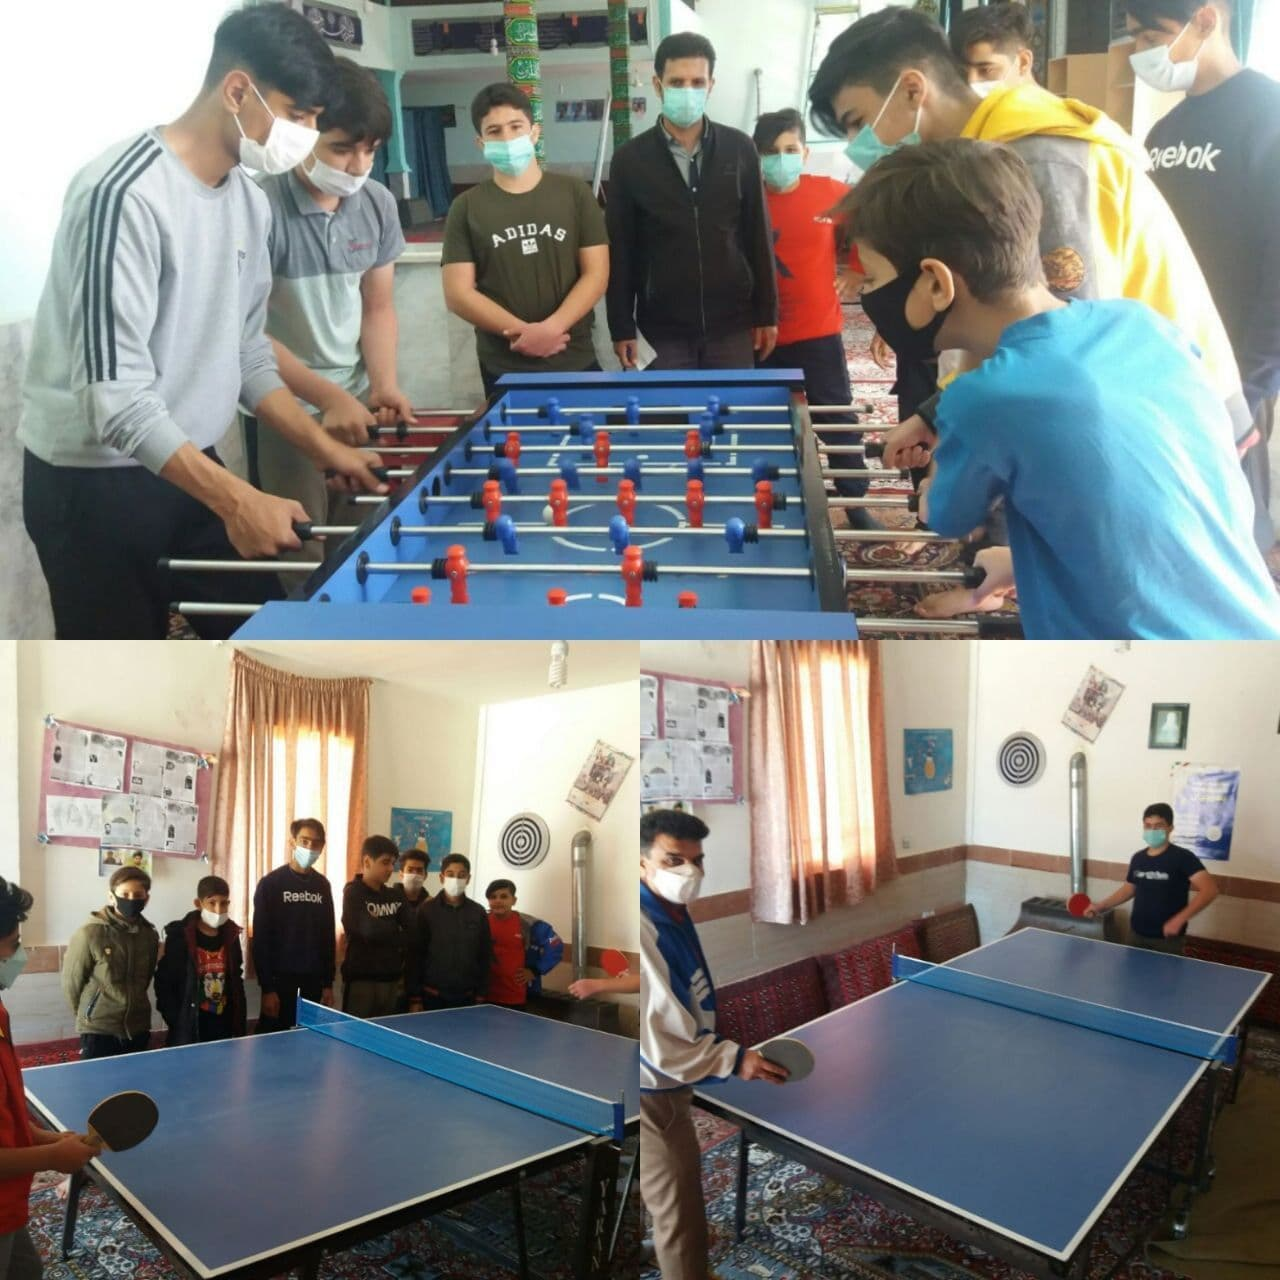 برگزاری مسابقات تنیس روی میز و فوتبال دستی ویژه ایام نوروز در روستای باقرآباد ترک